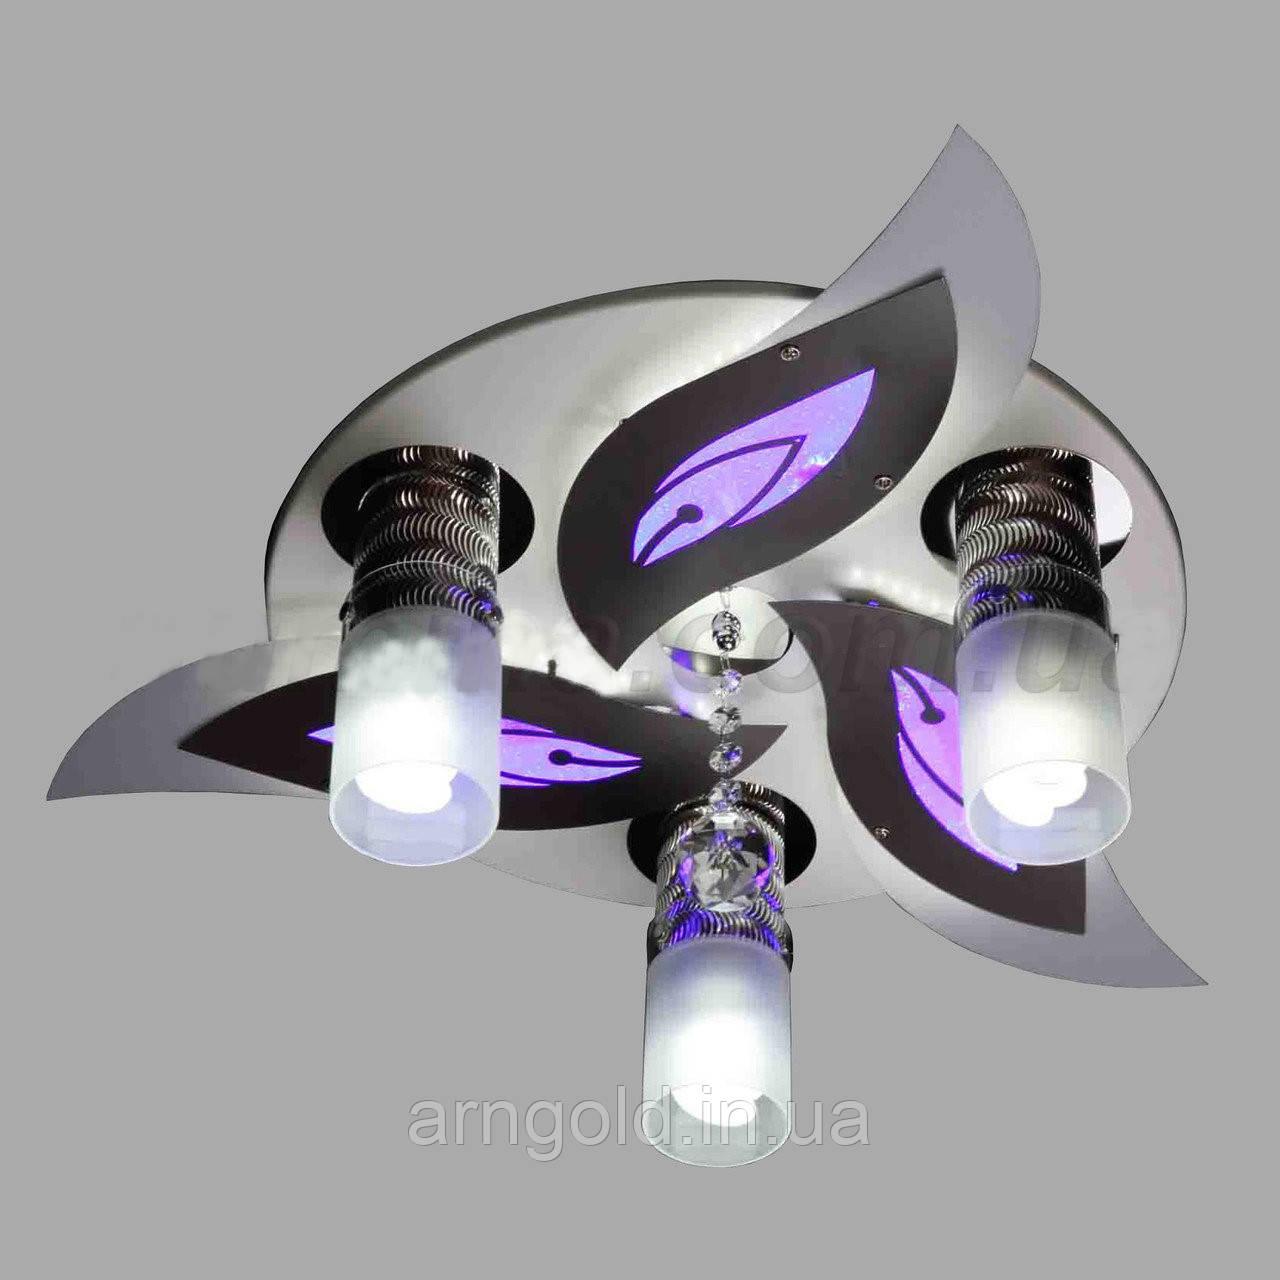 Люстра потолочная Космос LED 10-8572/3